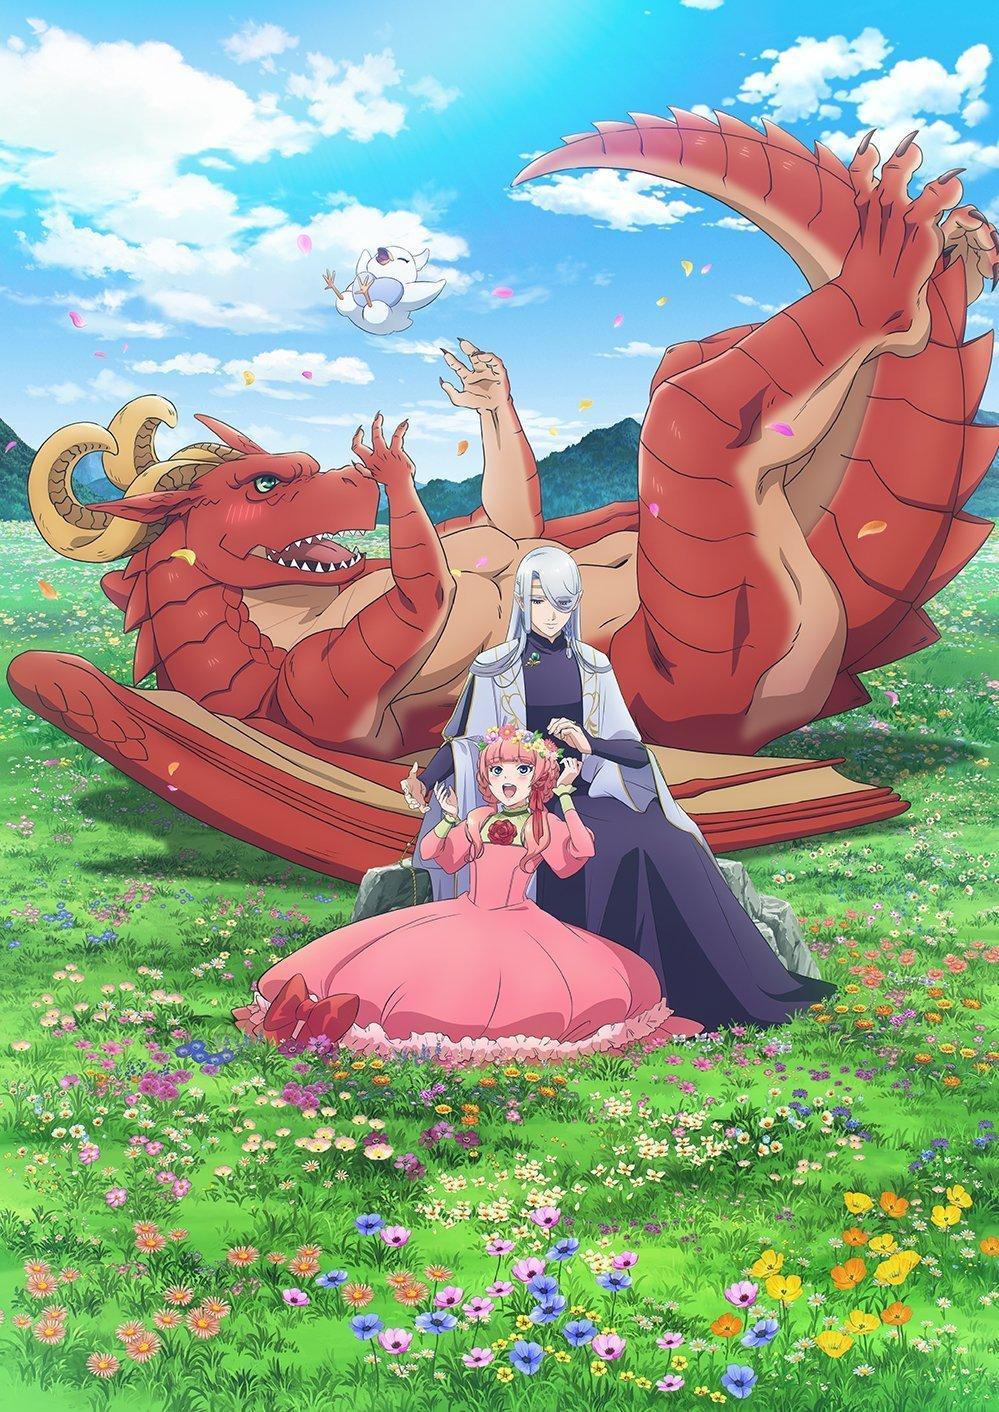 Imagen promocional oficial de 'Dragon Ie wo Kau' con Letty de espaldas en el pasto y frente a él Dearios y Nell sentados plácidamente mientras al fondo se ven montañas y el cielo azul con nubes.